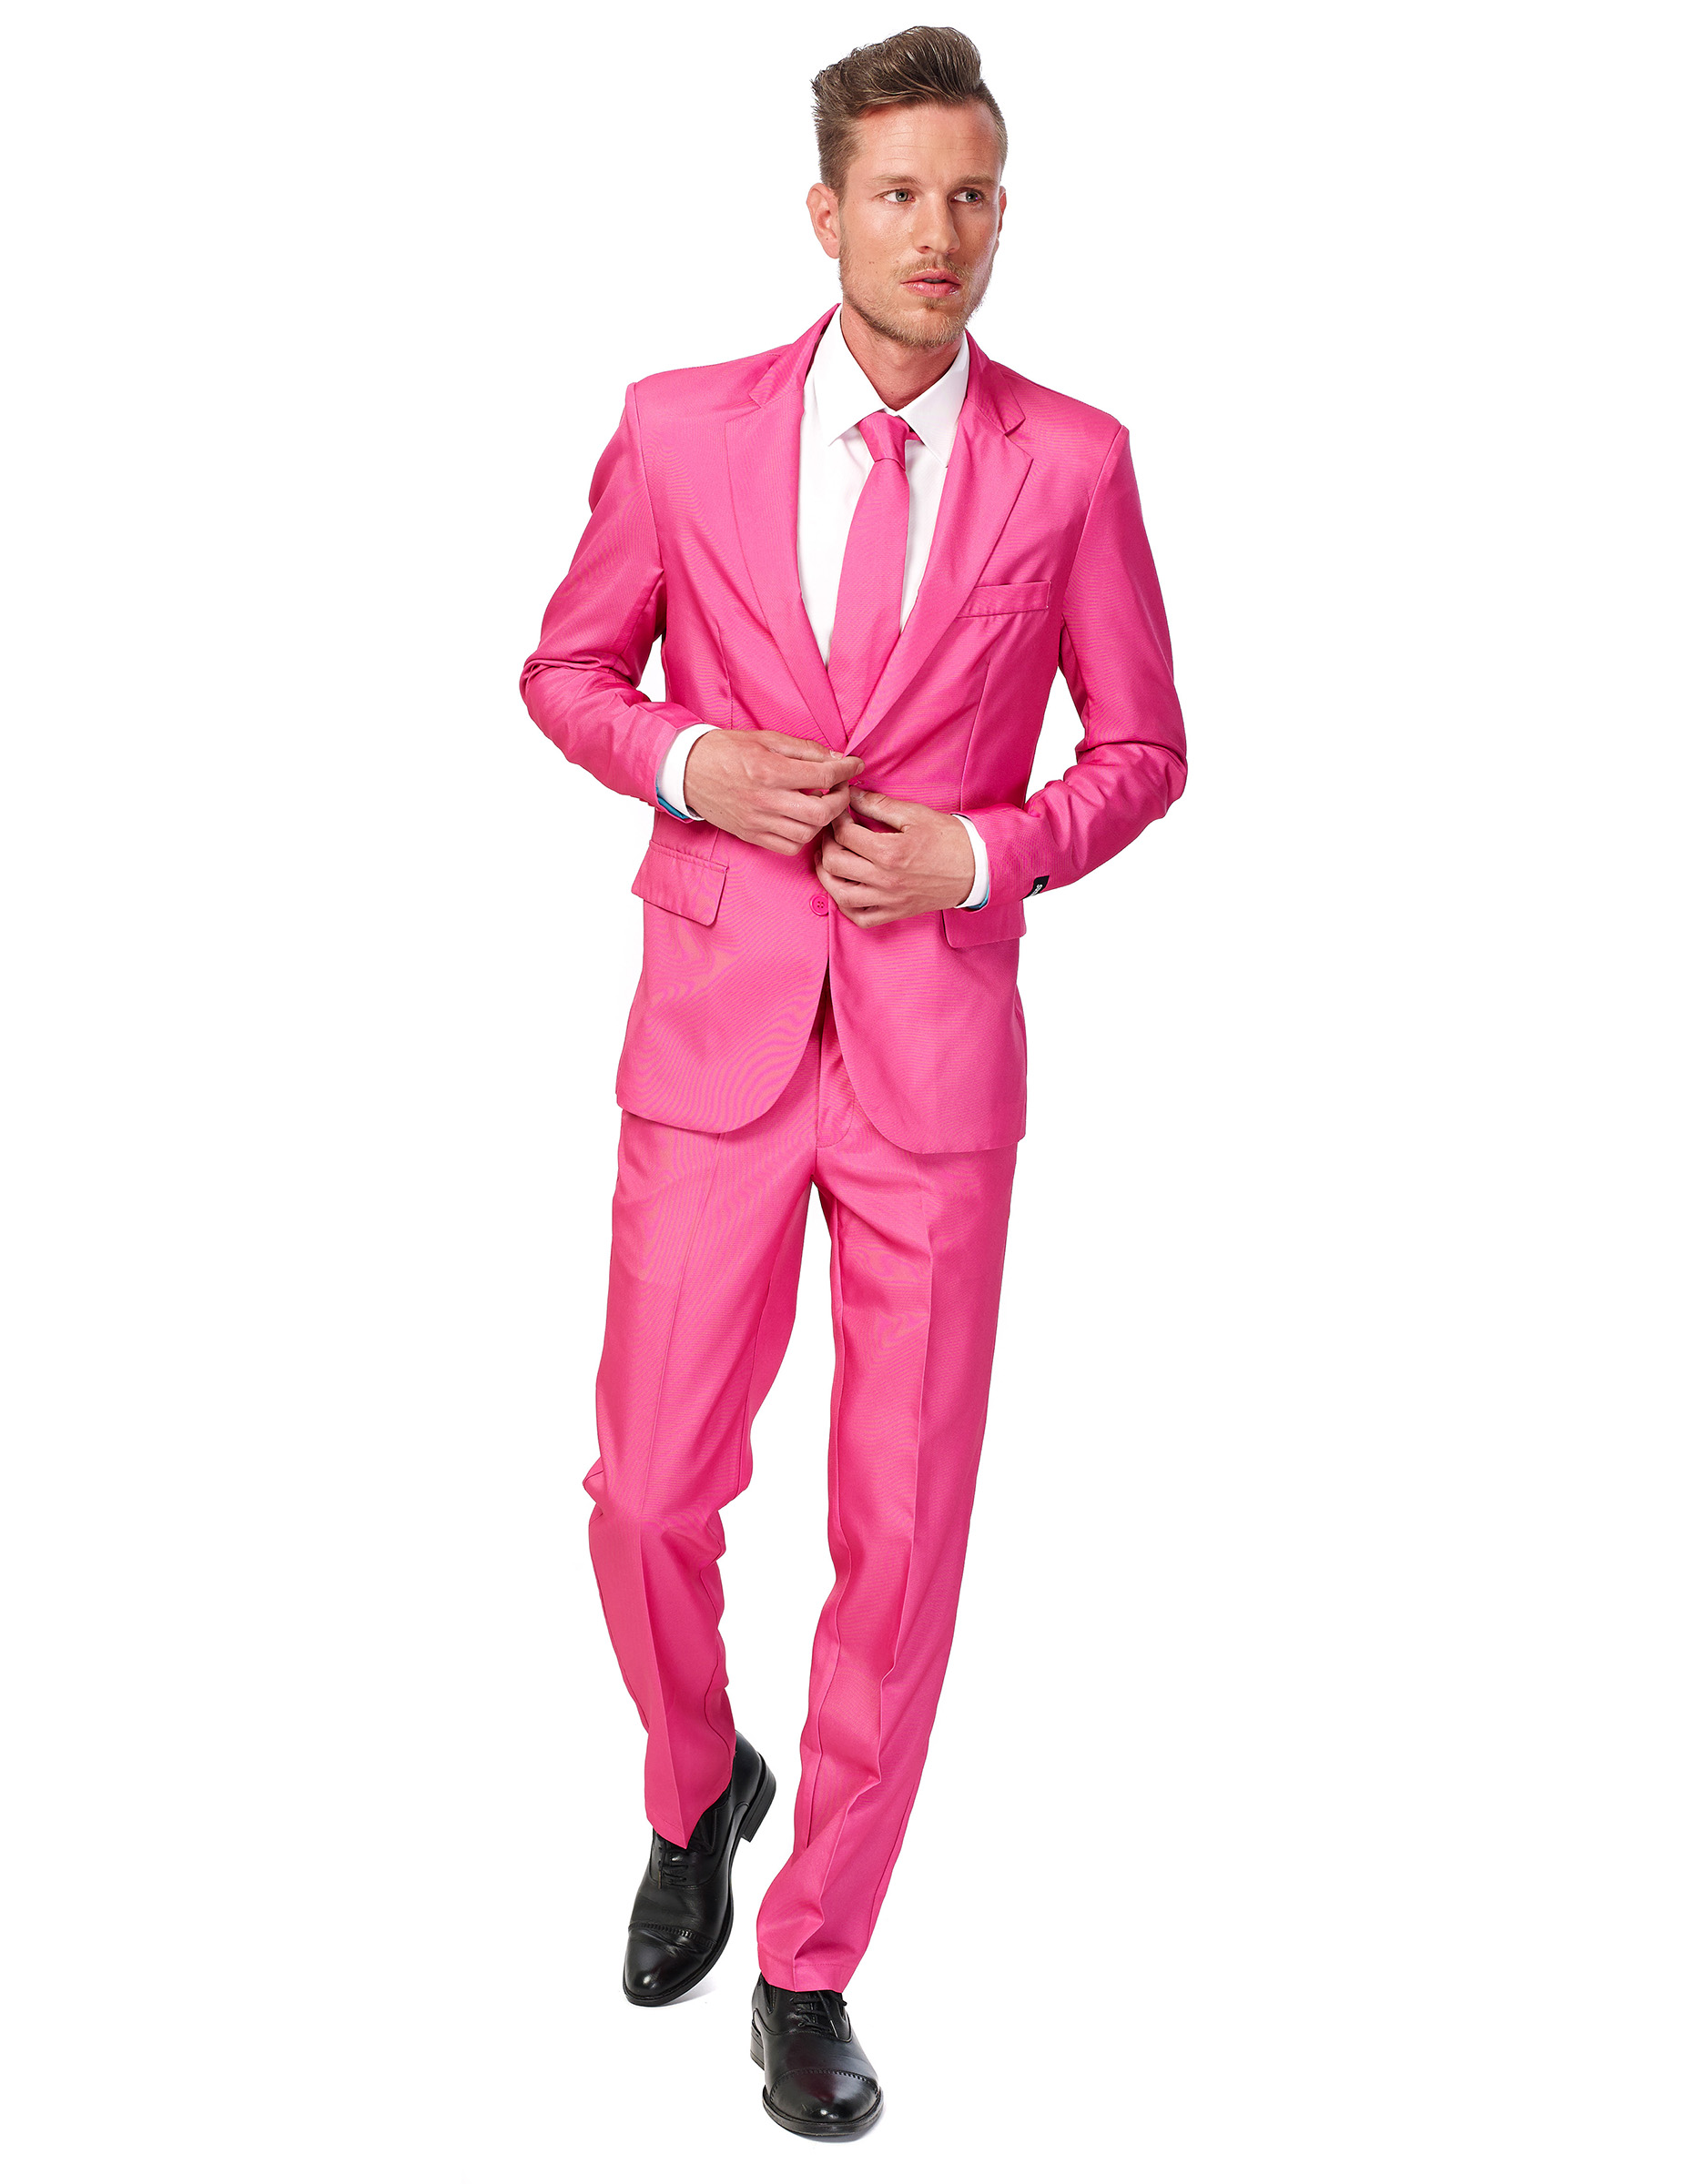 schicker pinker anzug von suitmeister. Black Bedroom Furniture Sets. Home Design Ideas